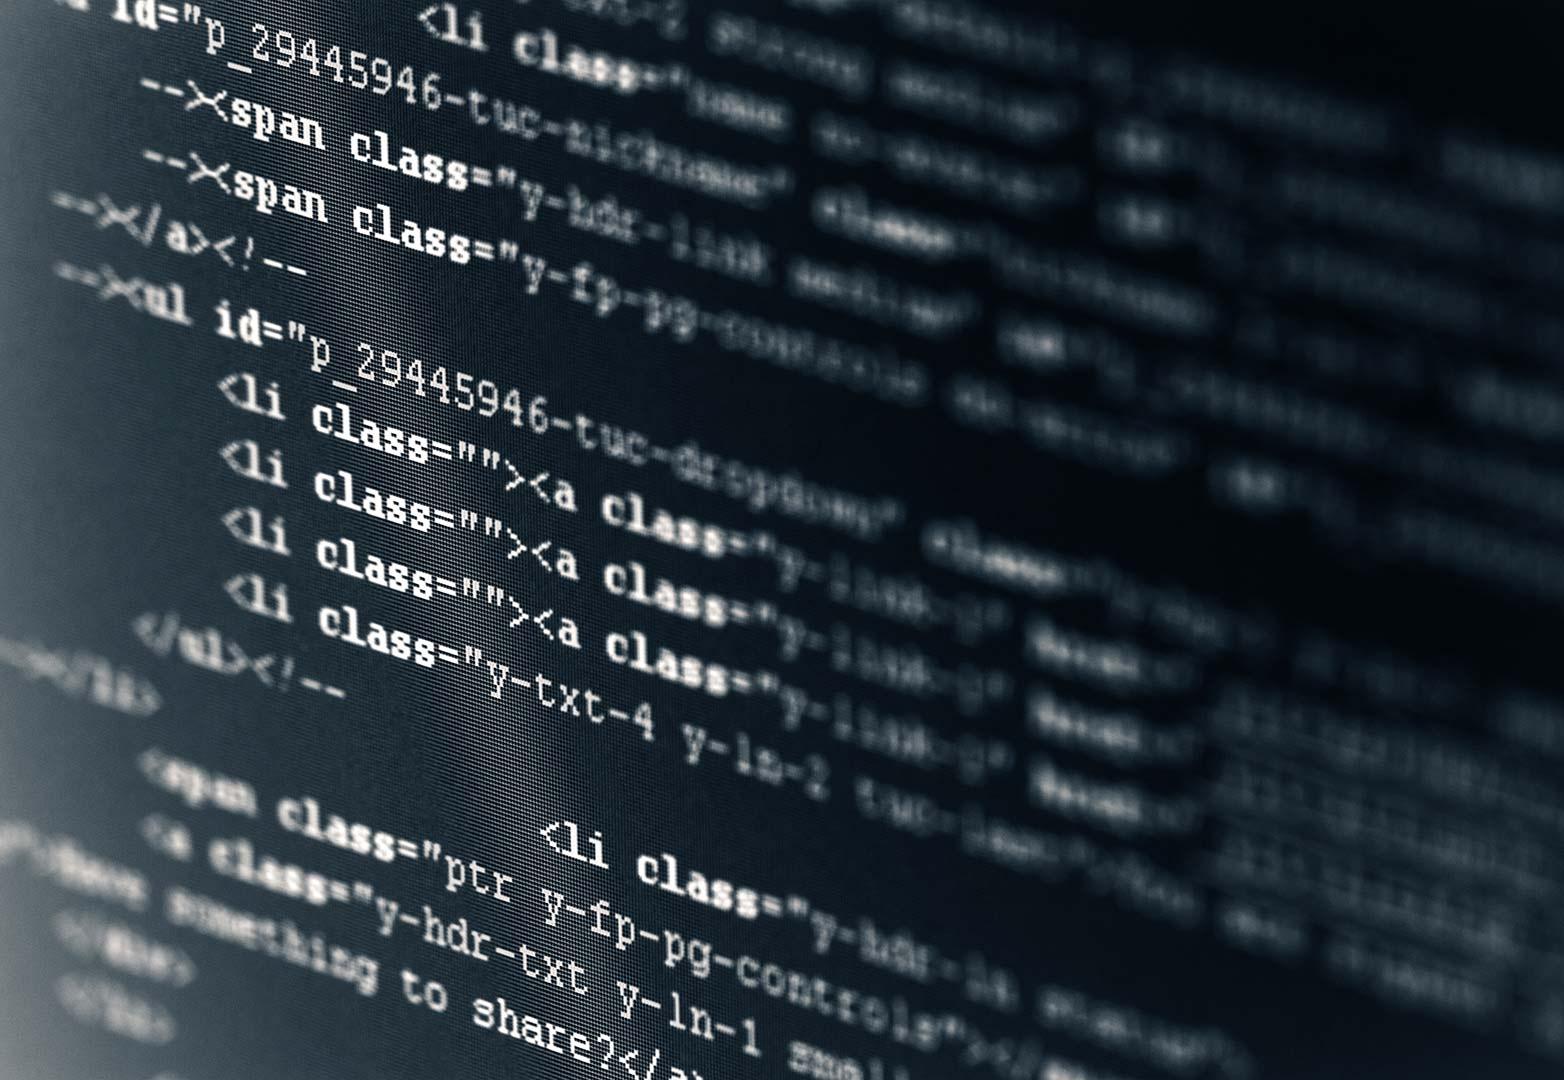 7种DevOps工程师必备技能